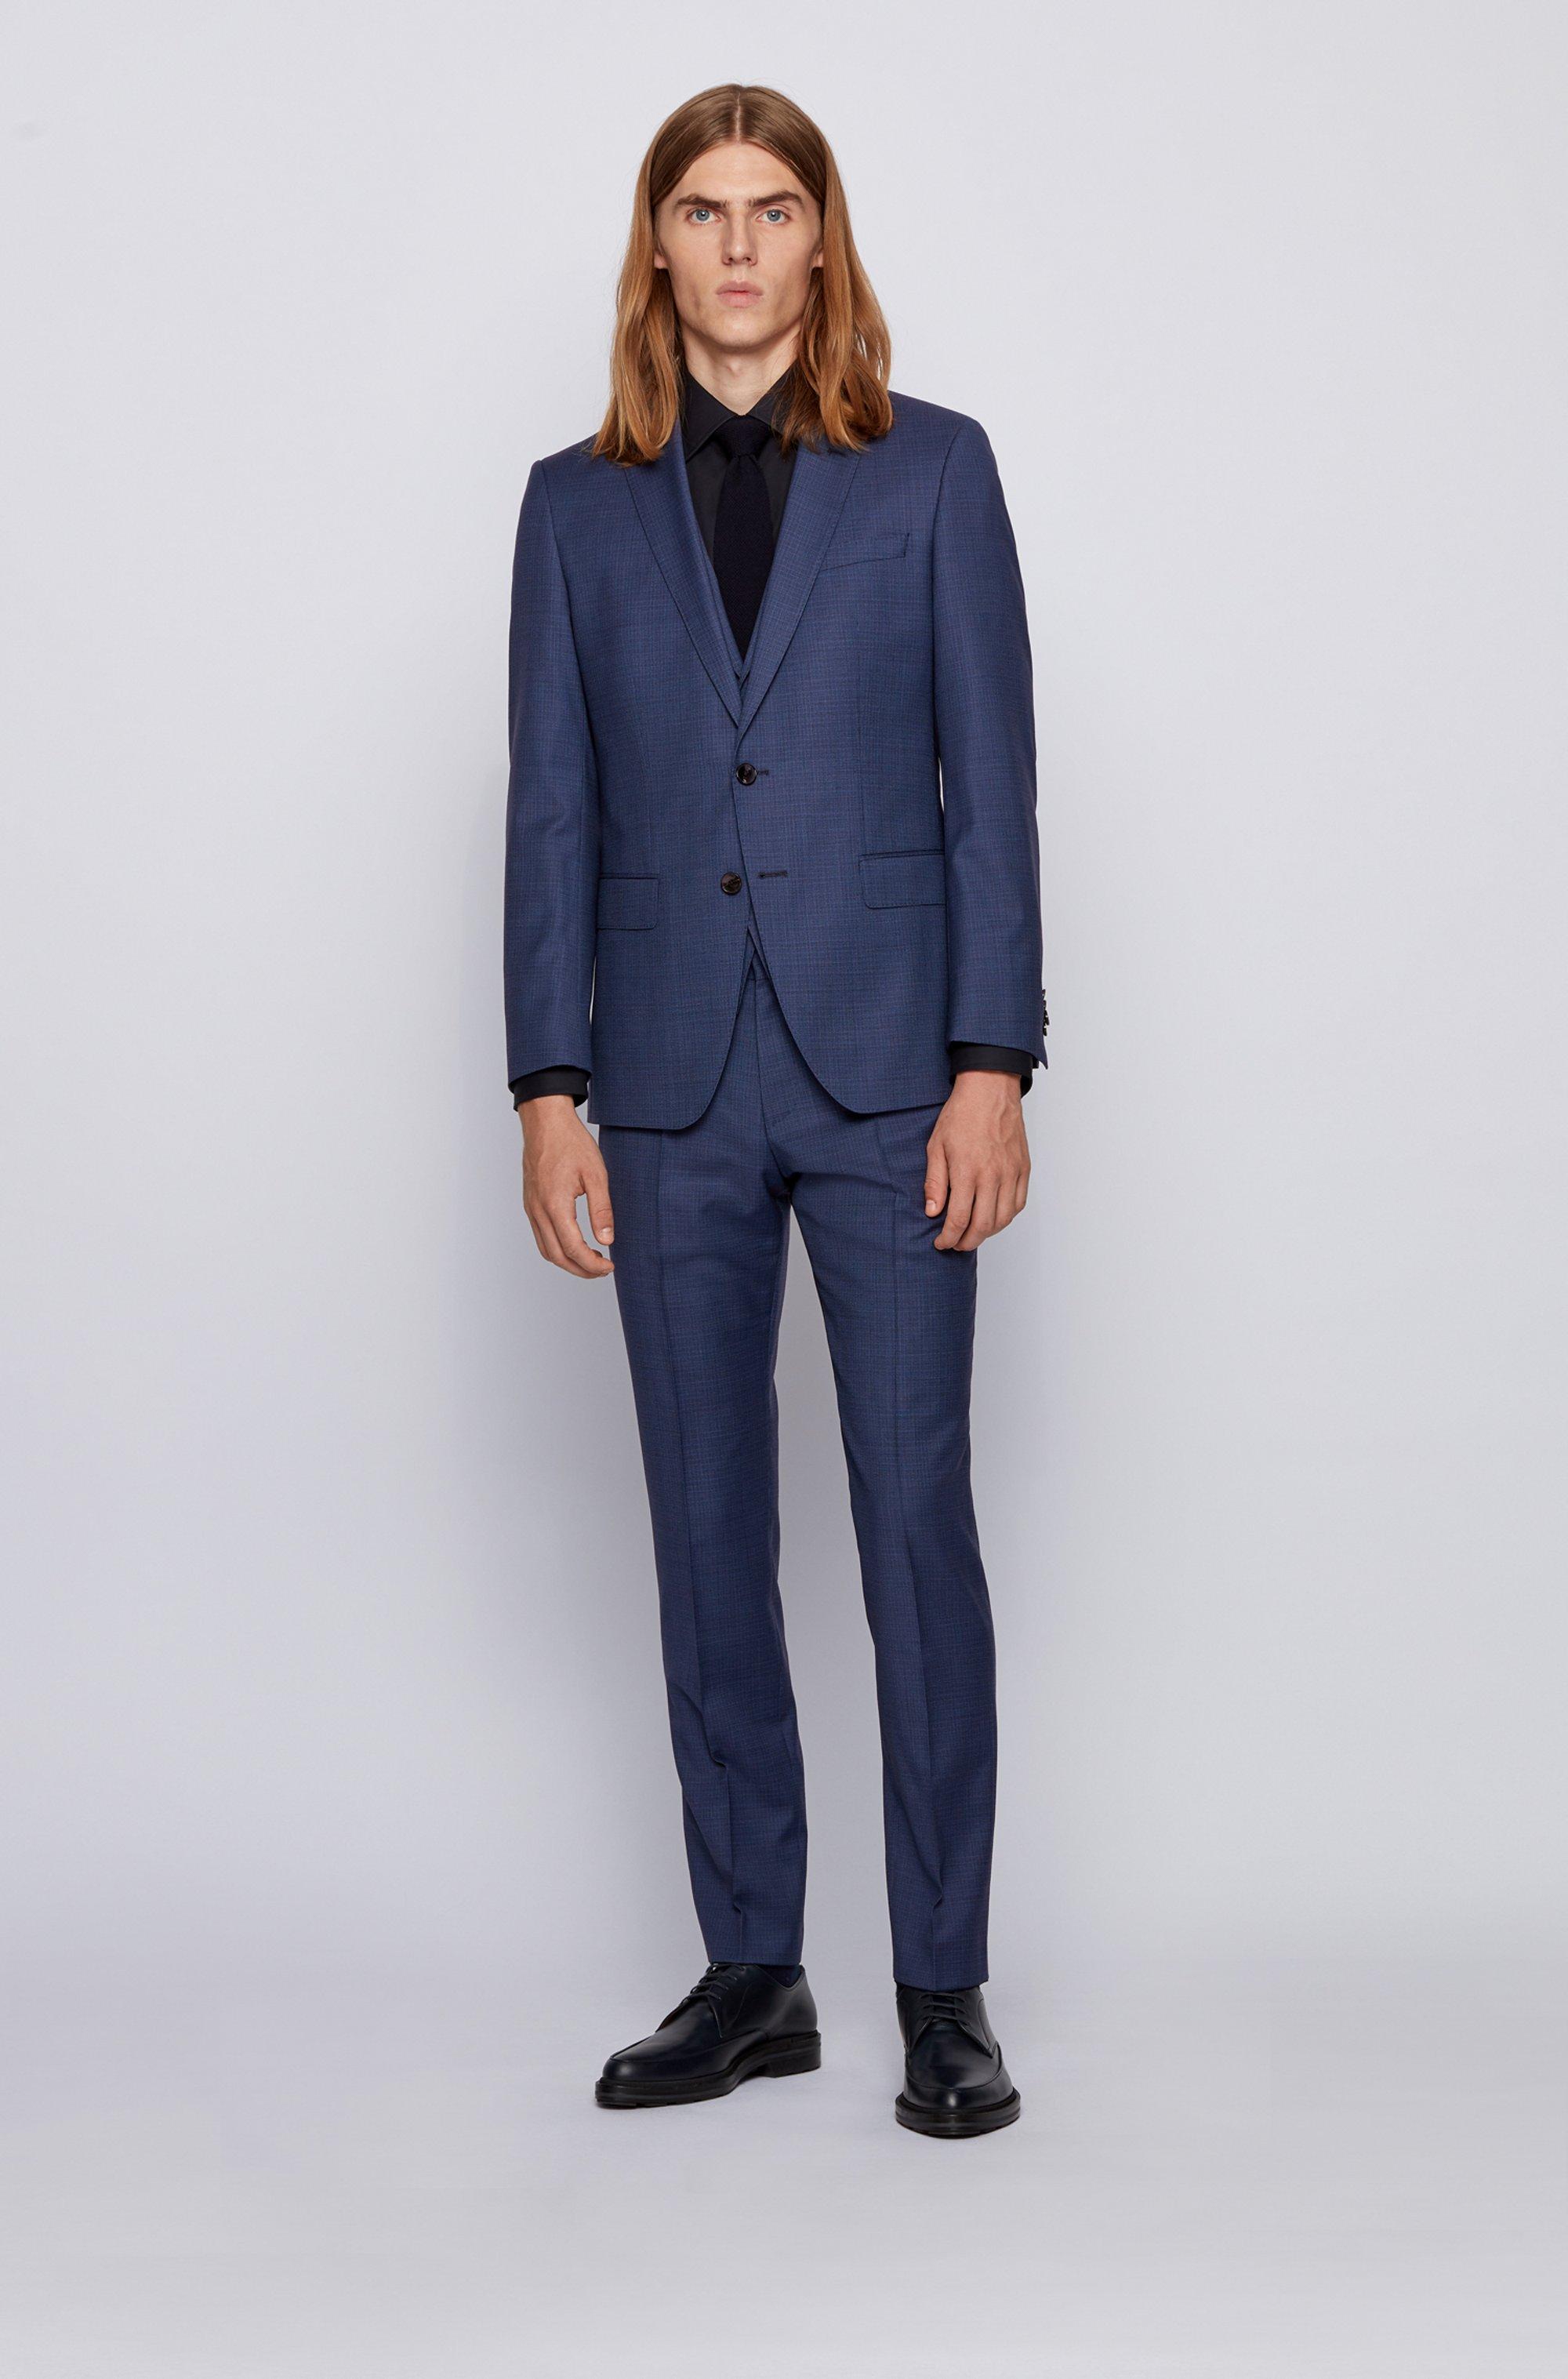 Three-piece slim-fit suit in patterned virgin wool